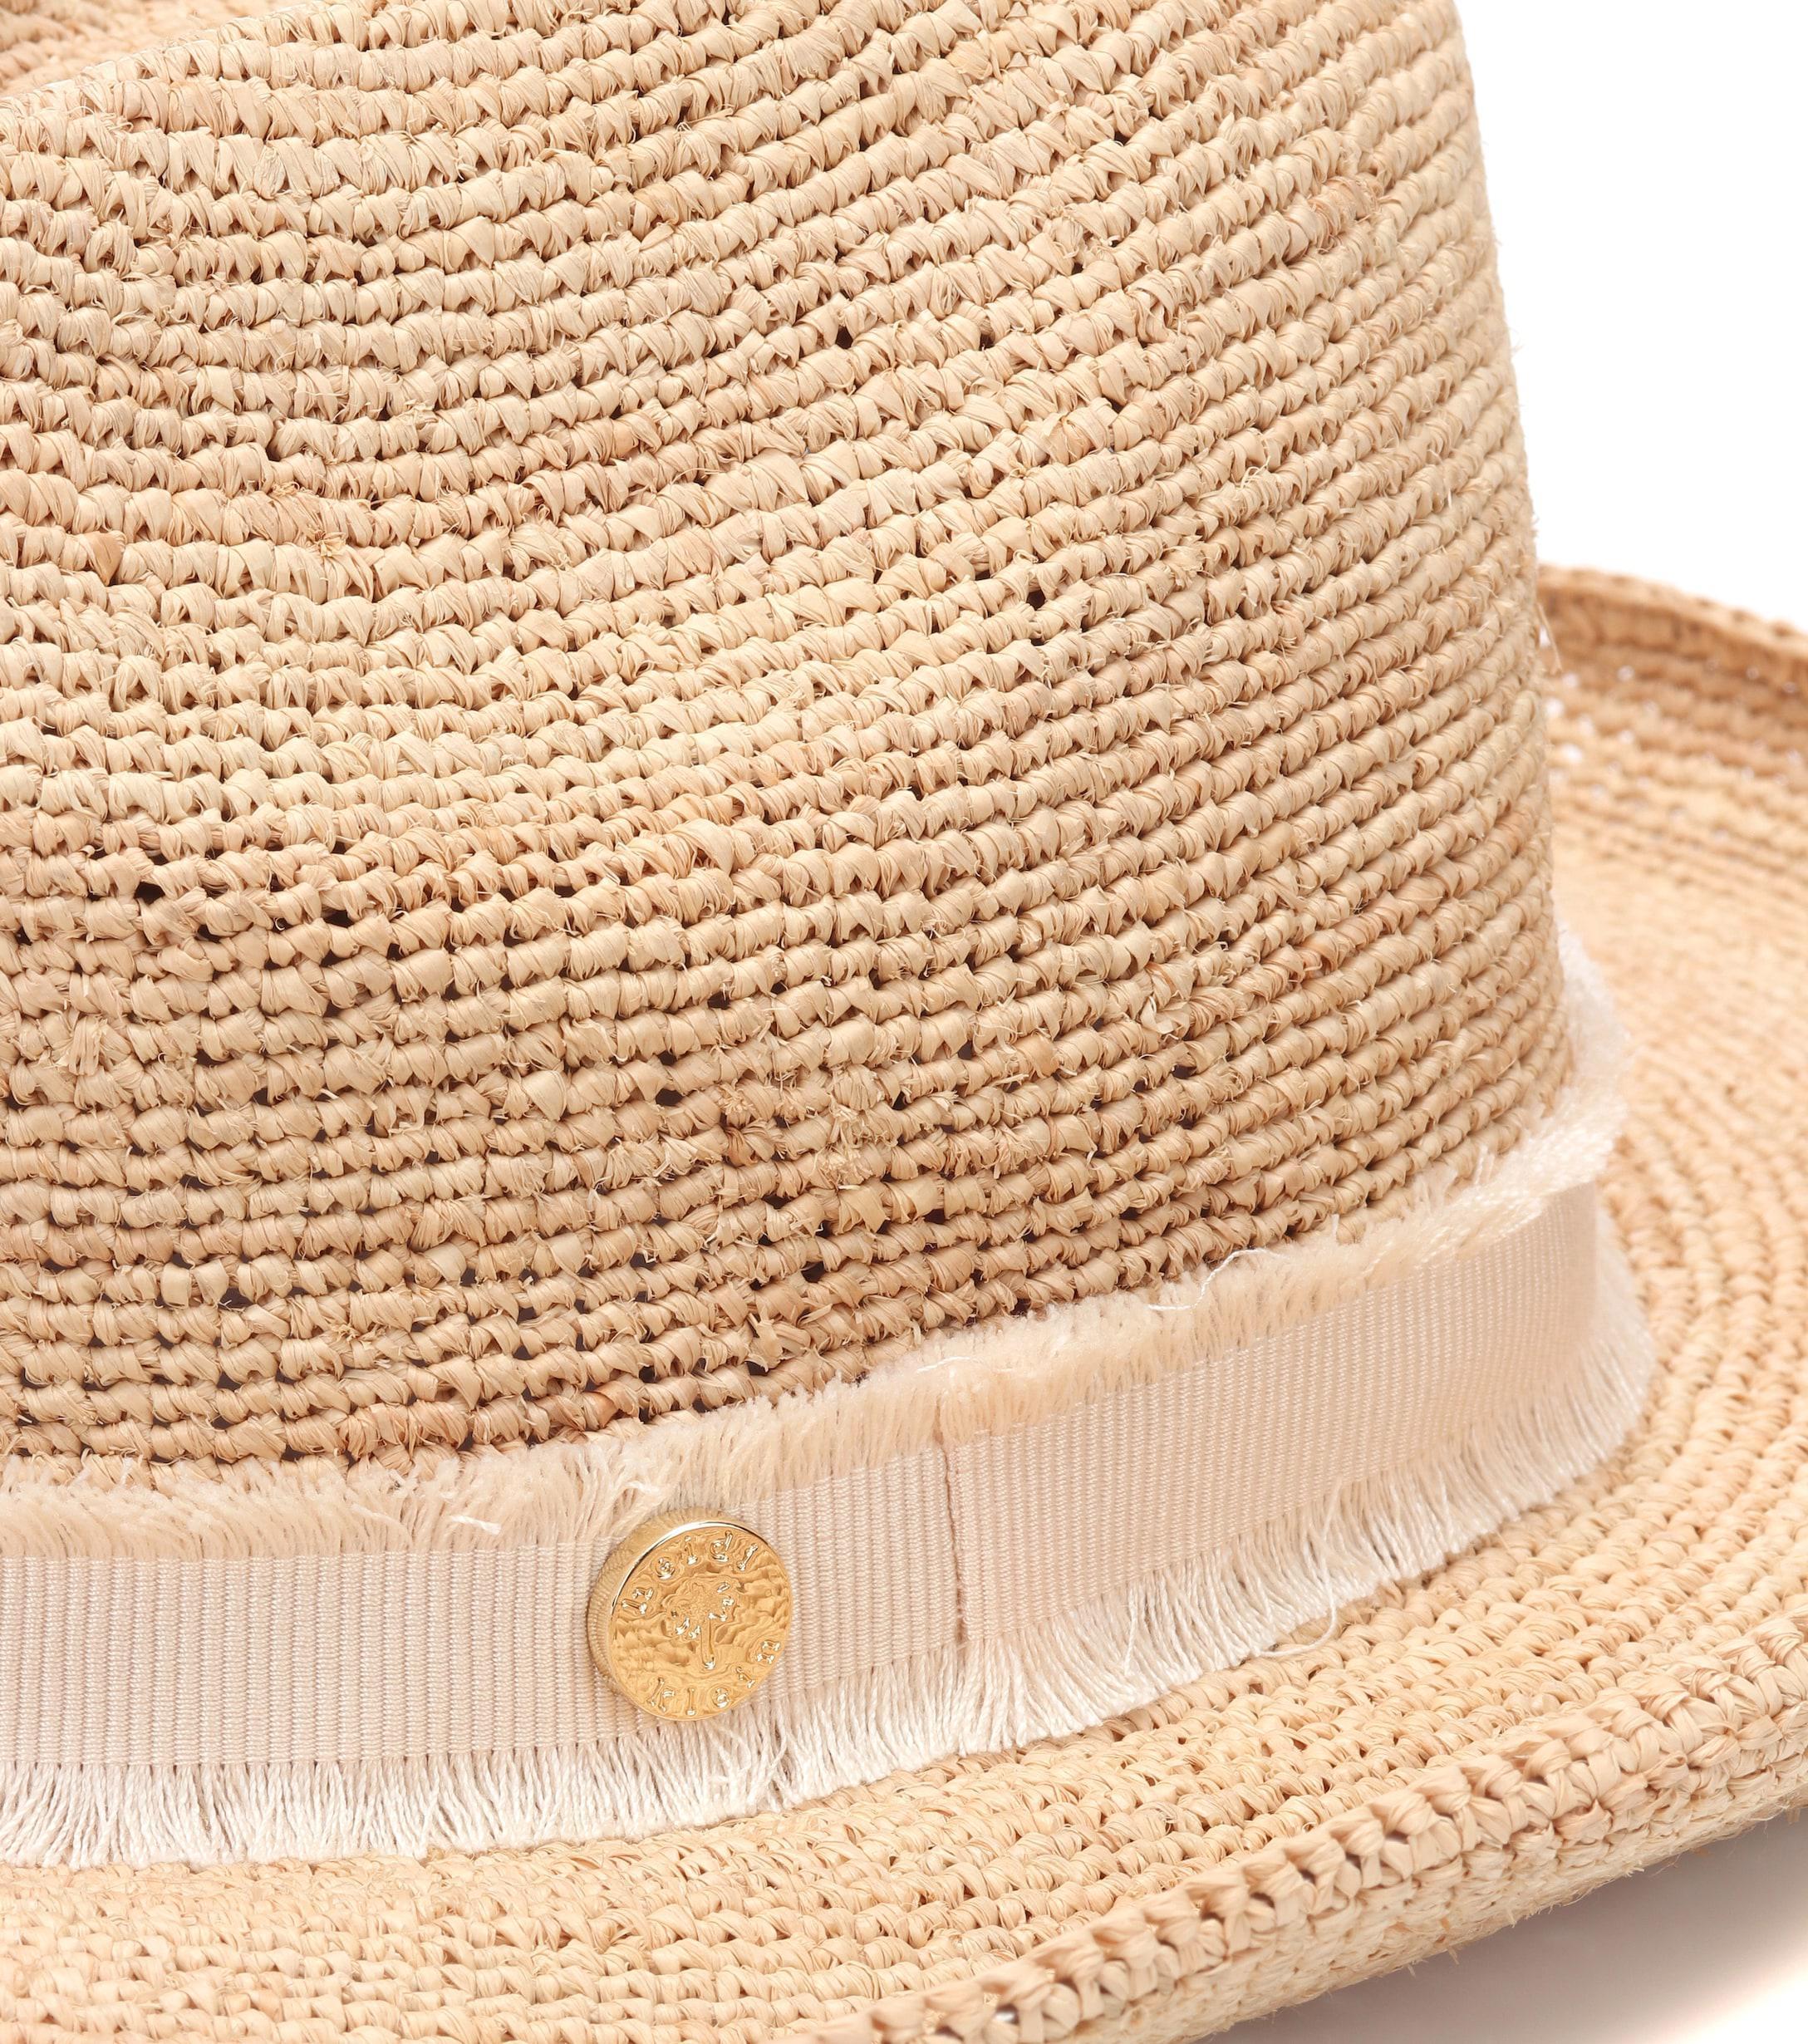 Lyst - Heidi Klein Cape Elizabeth Raffia Cowboy Hat in Natural adda62783c6e